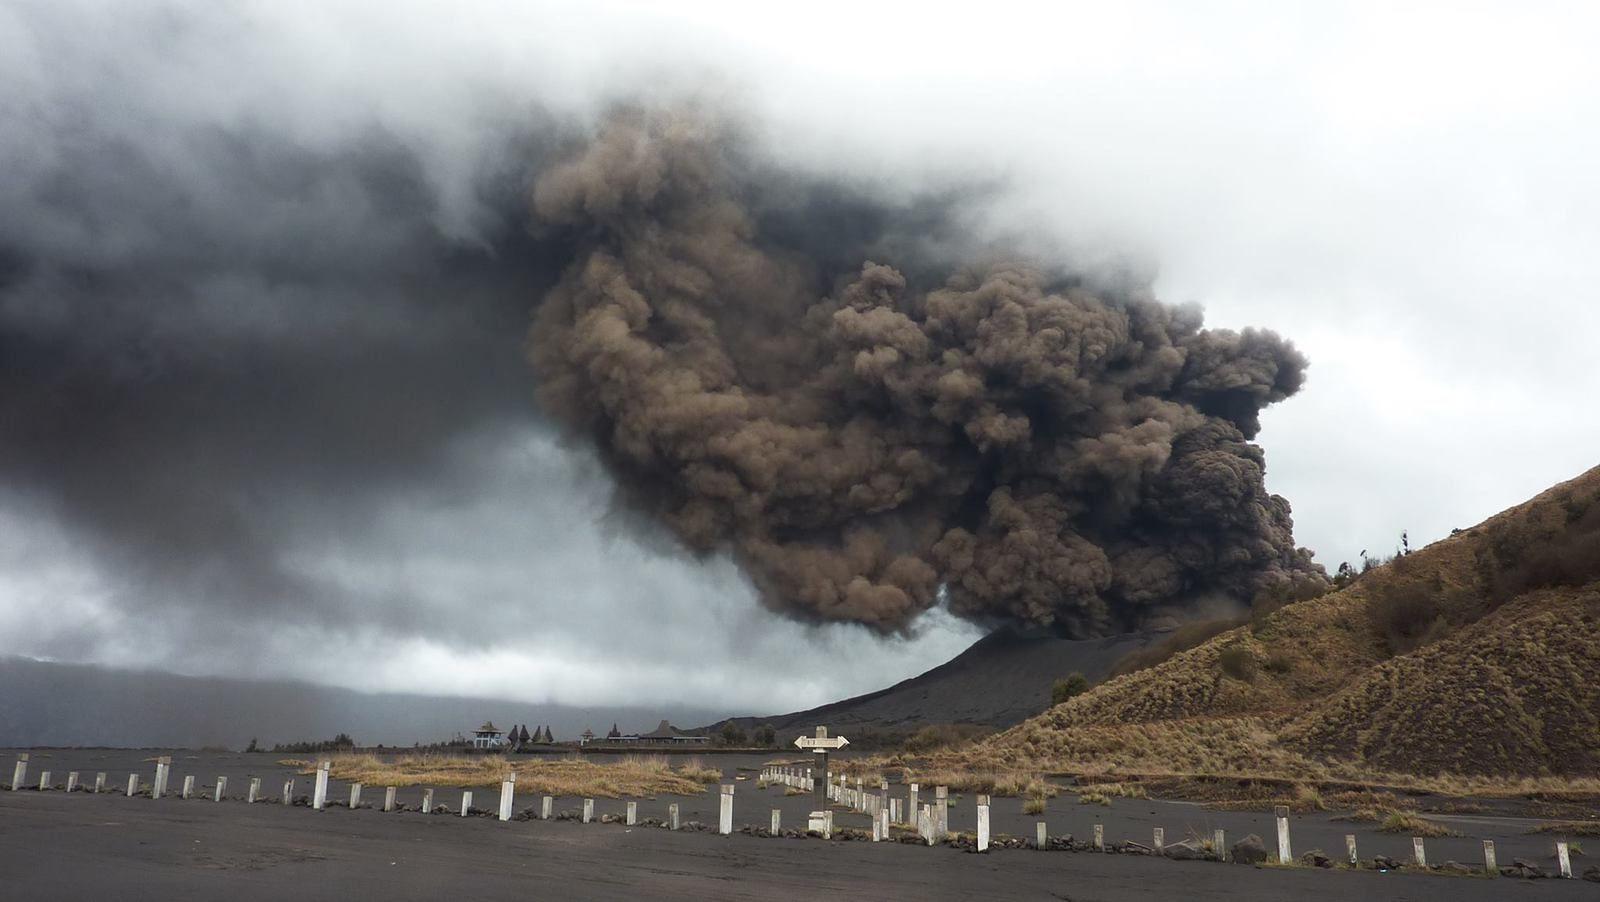 La dernière éruption du Bromo remonte à 2011-  photo 2011.12.25 Bromo - Subkhan Ramadani